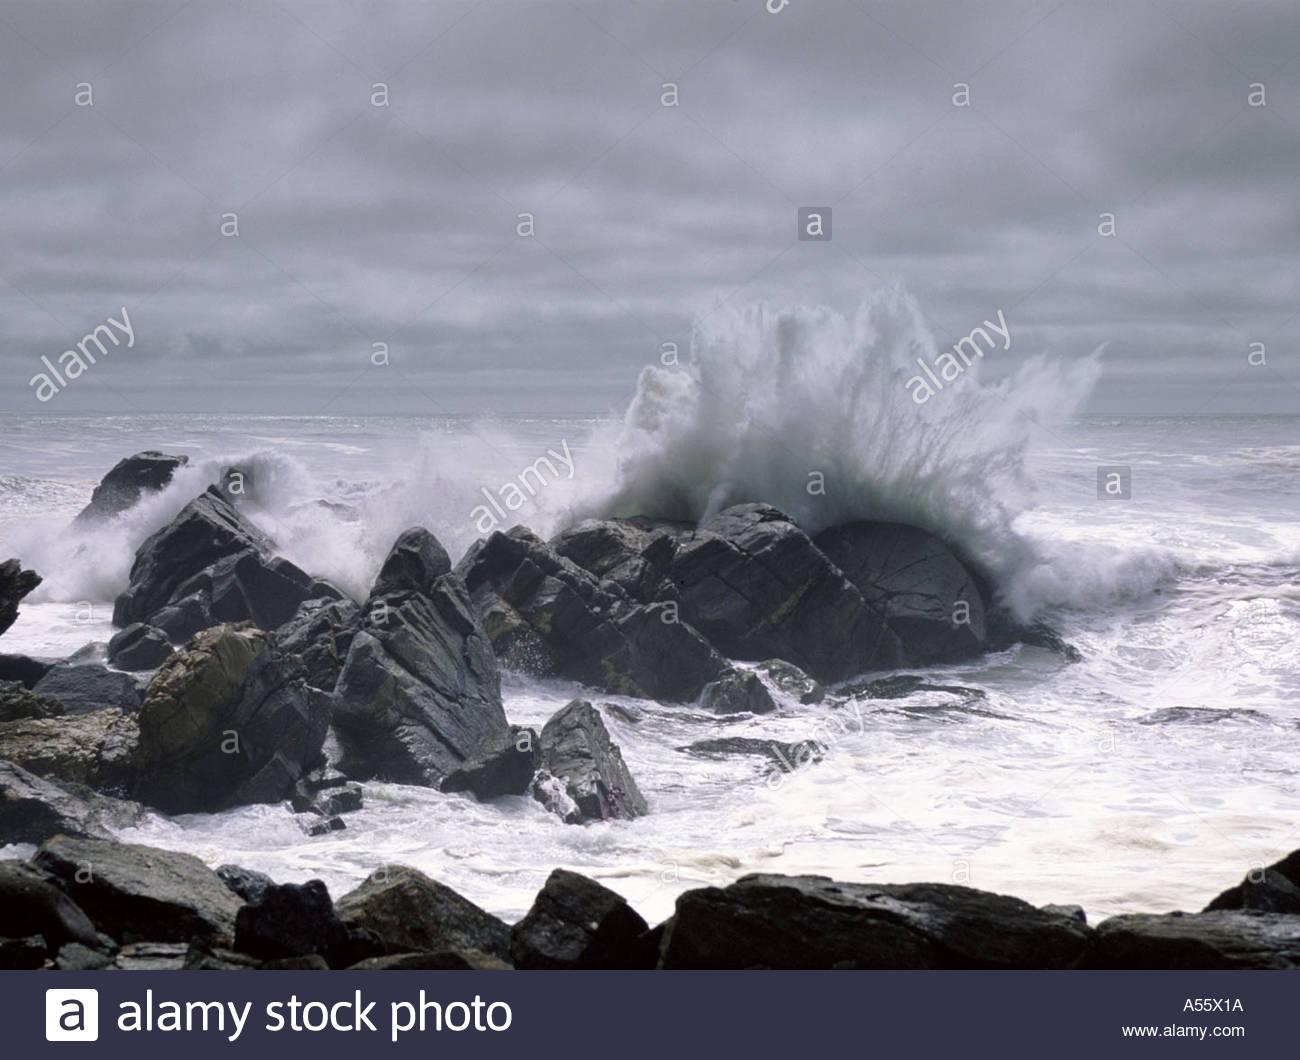 Waves crashing against rocks, Cape Foulwind, West Coast, South Island, New Zealand - Stock Image